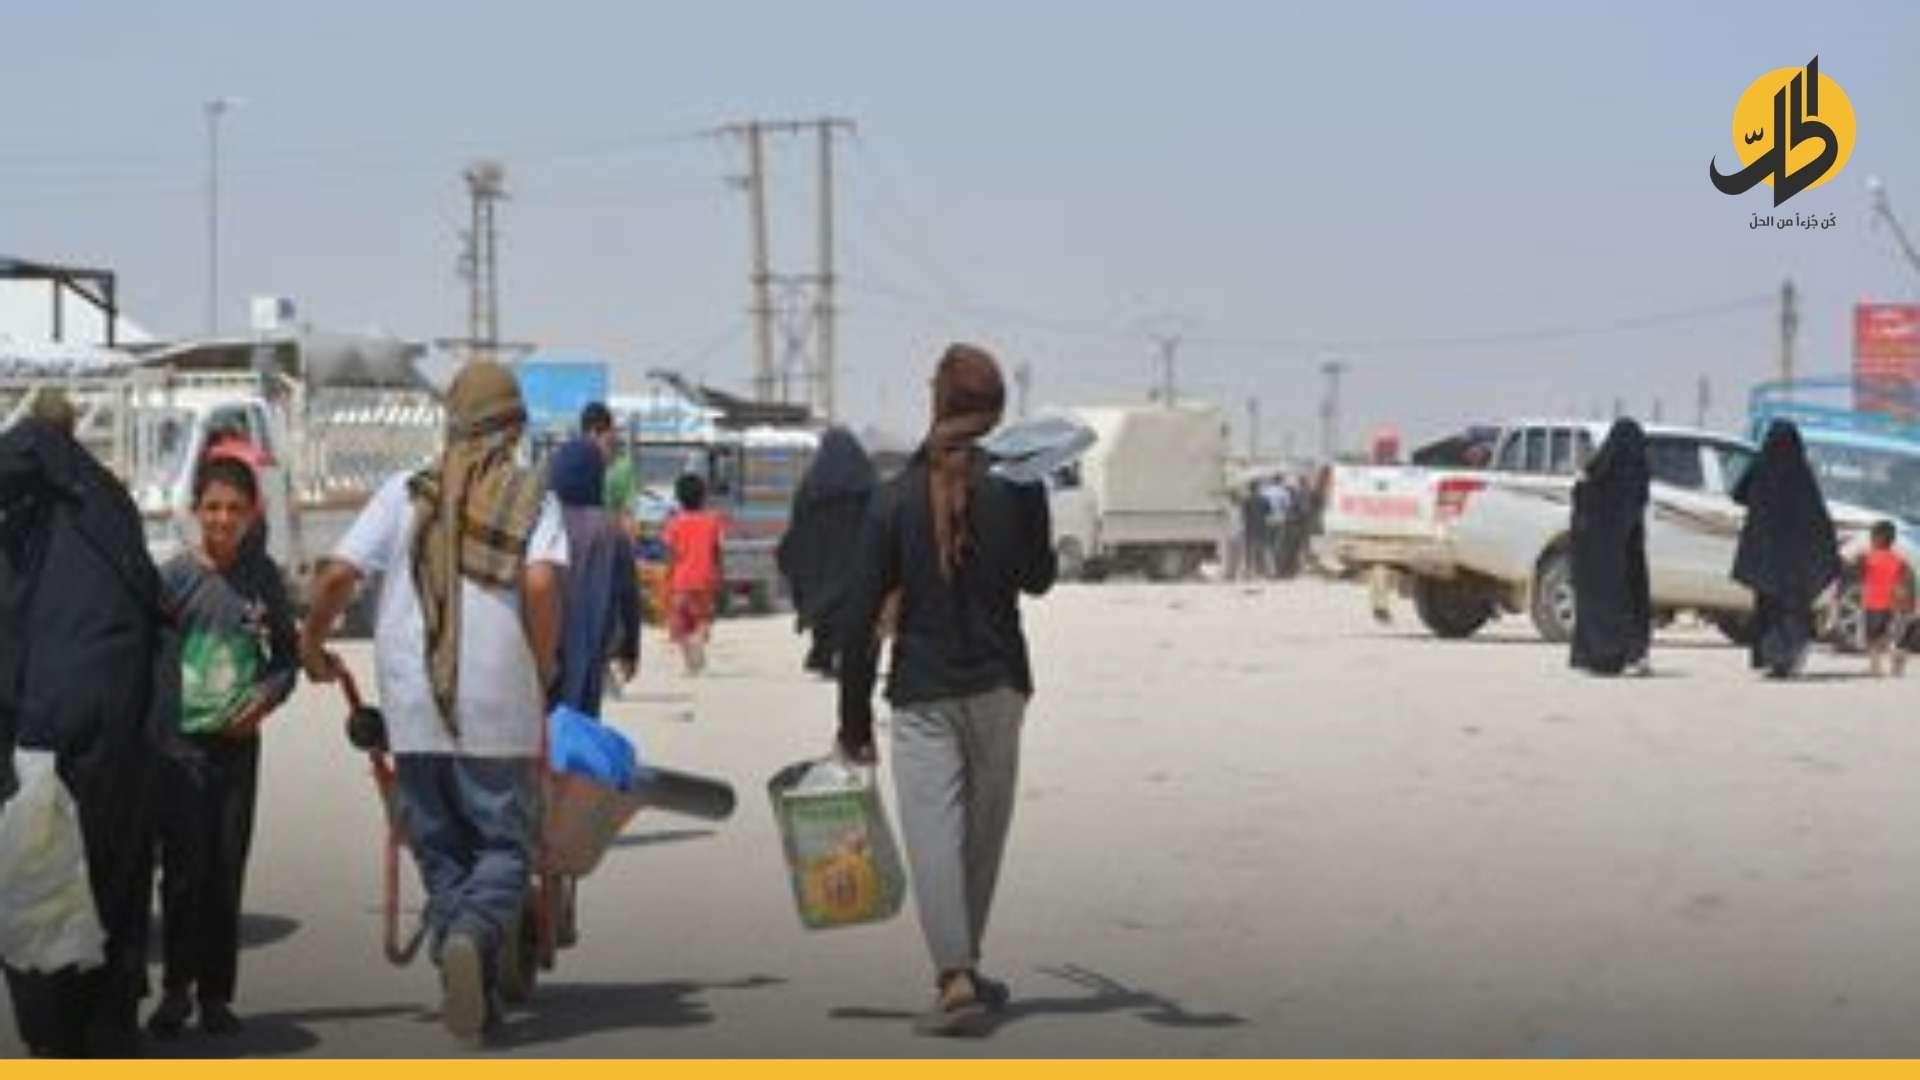 """في ثالث عملية اغتيال خلال 4 أيام.. مقتل لاجئة عراقية في مخيم """"الهول"""" بالحسكة"""